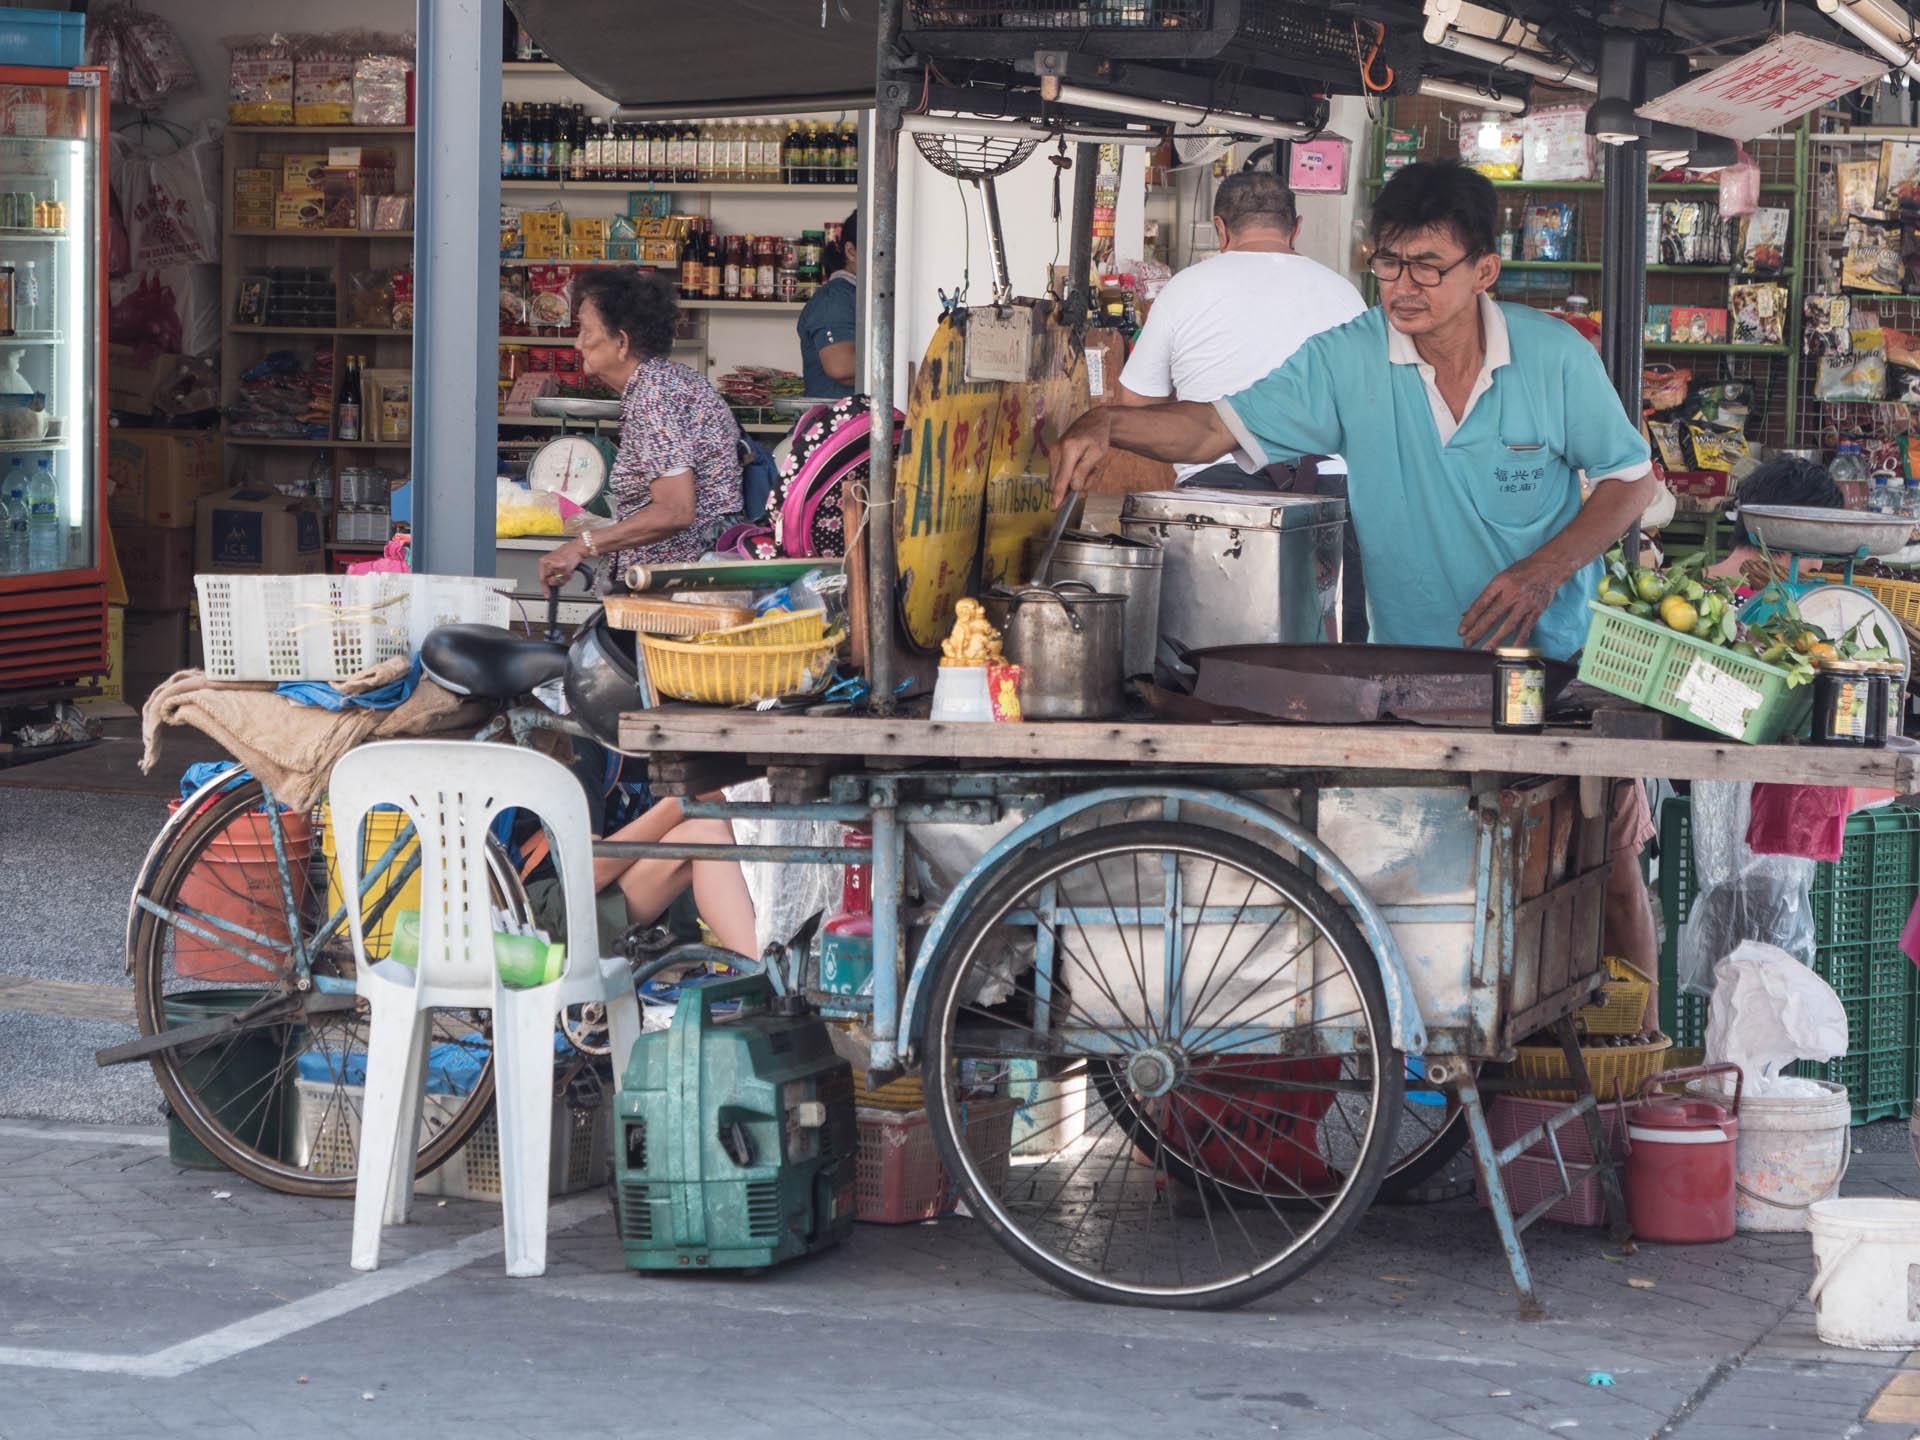 Stand de street food